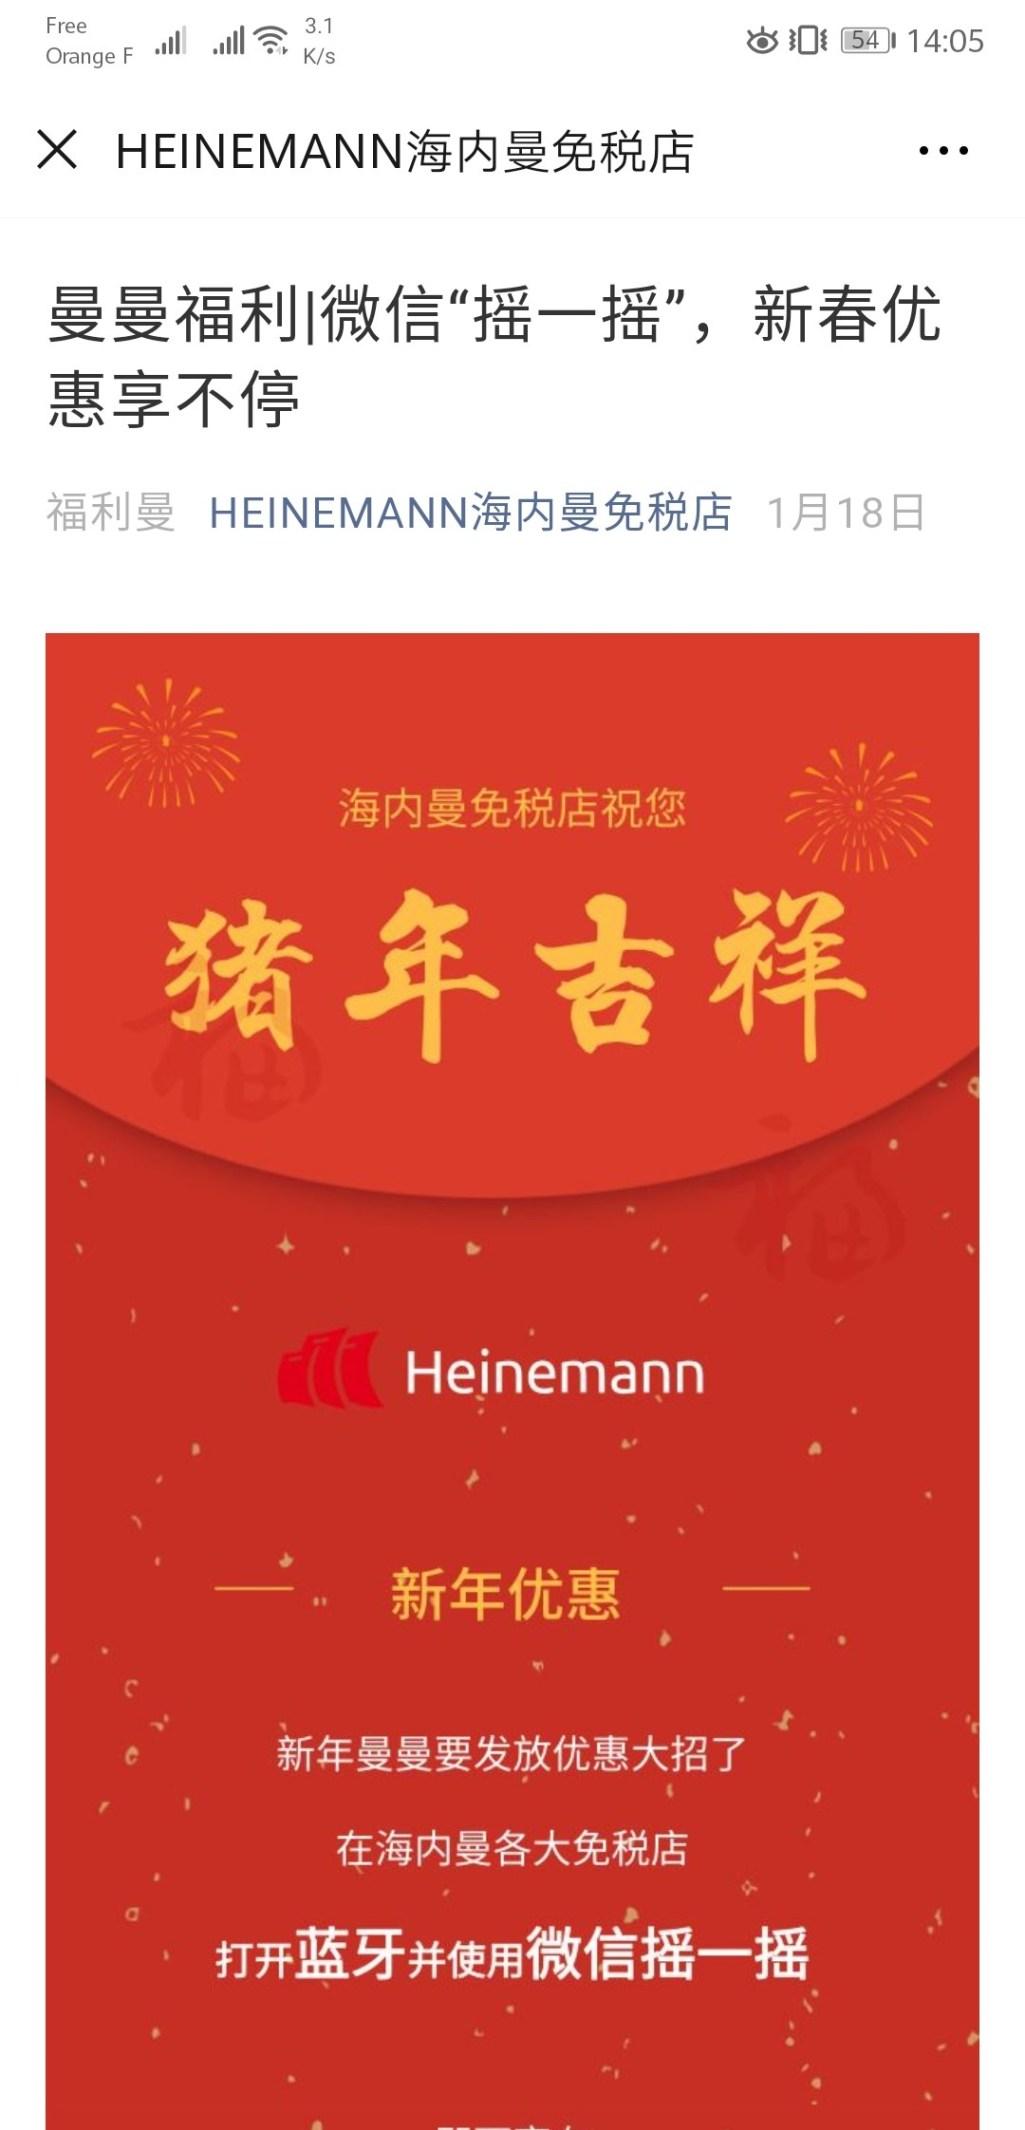 heinemann wechat shake campaign.jpg